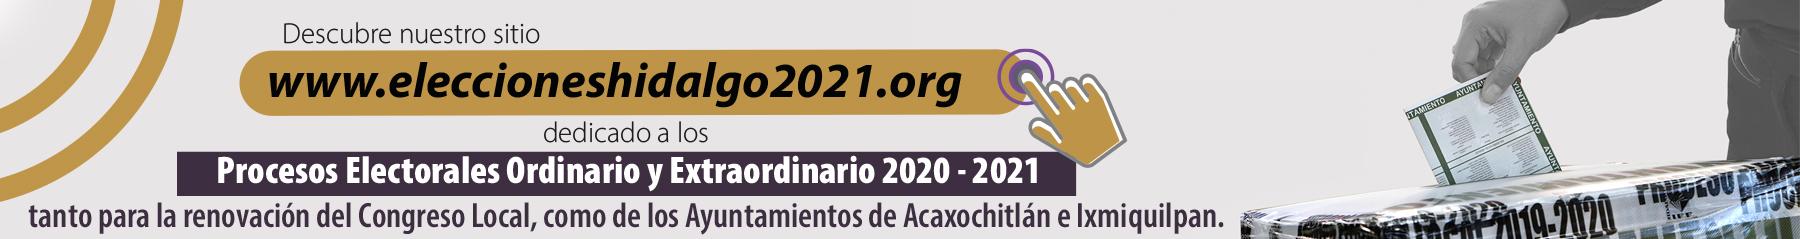 sitiowebelecciones2021